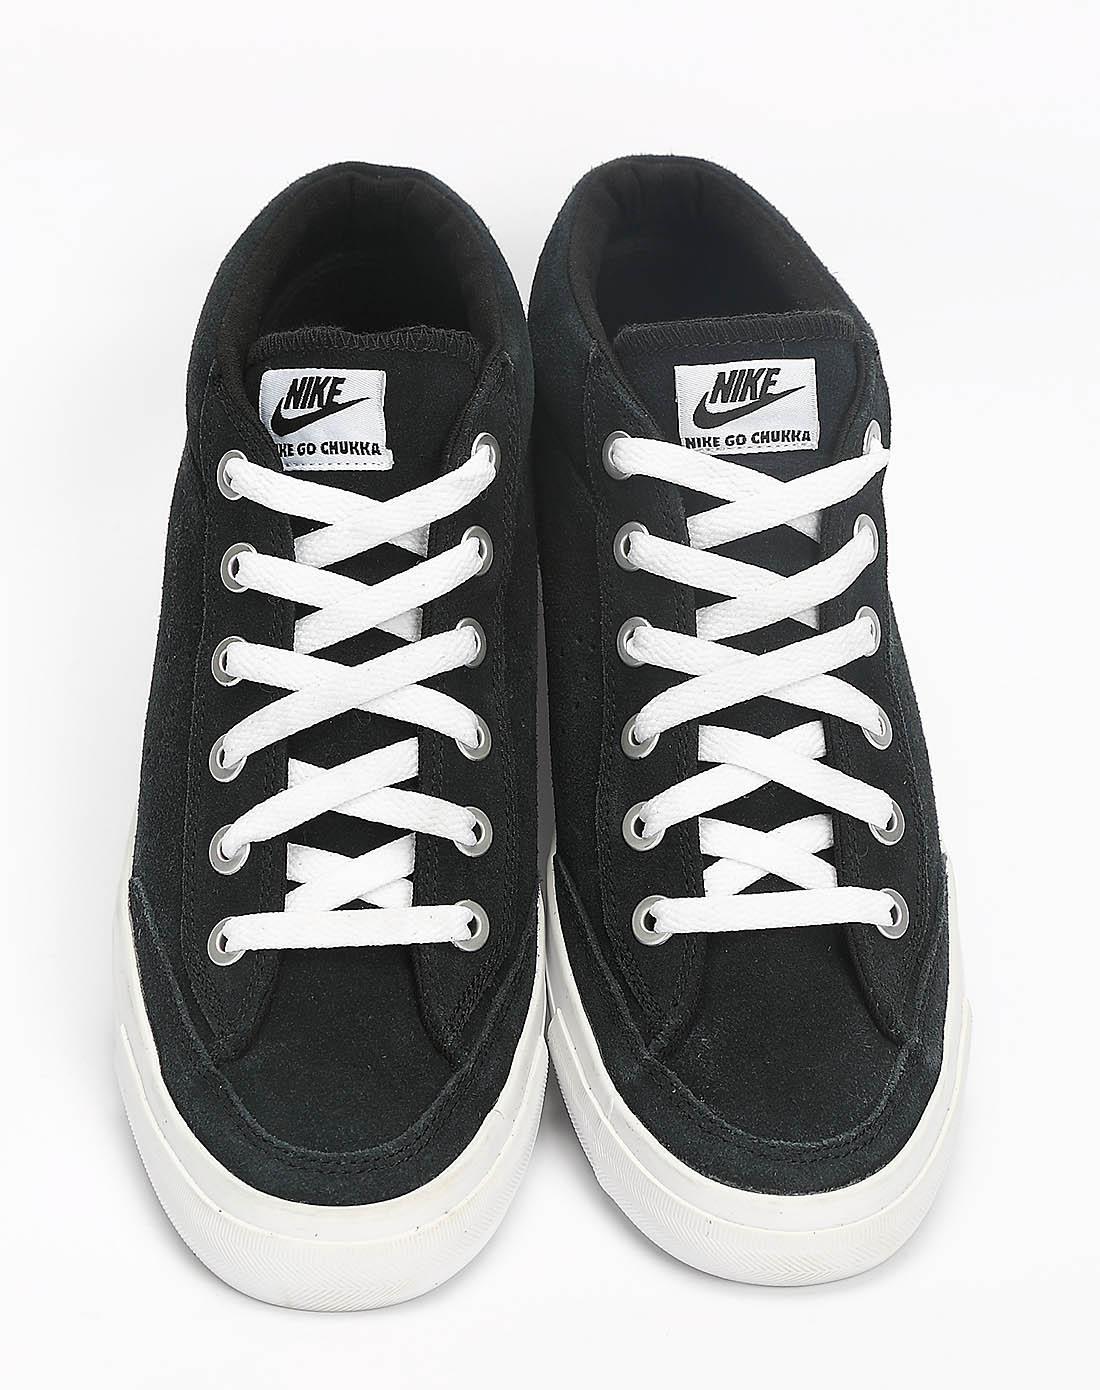 耐克nike男子黑色复古鞋487335-001